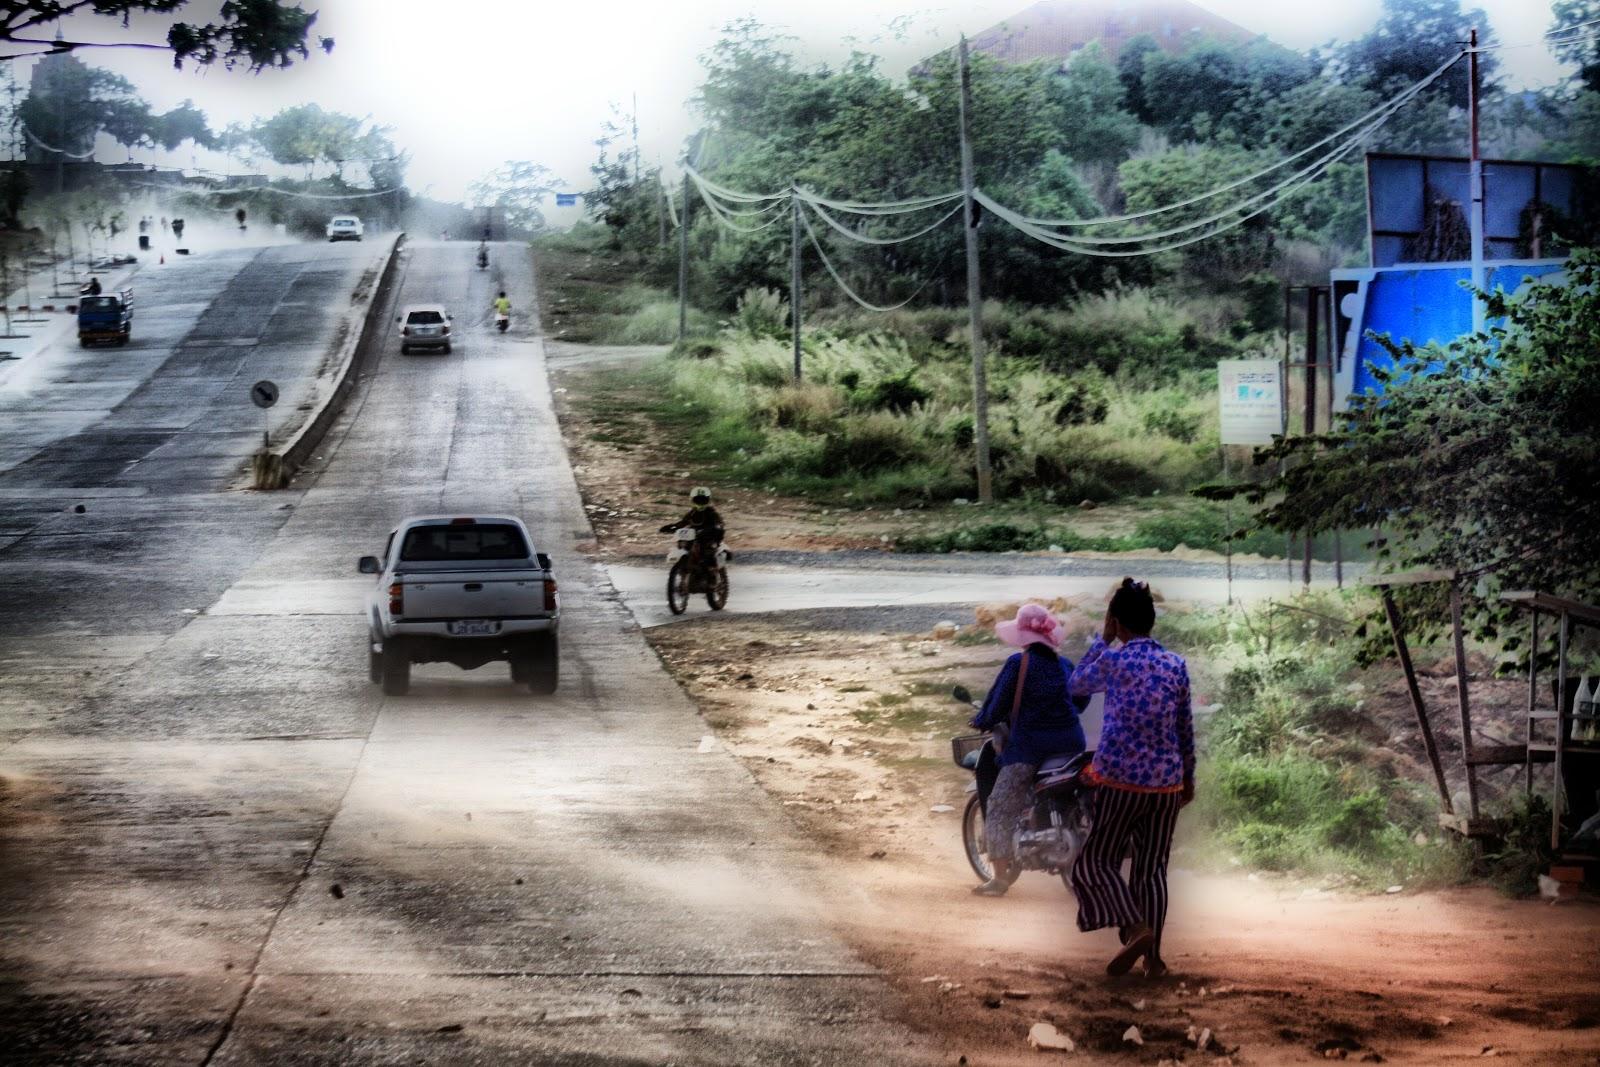 Cambodge, production vidéo, presse, filmmaker, documentaires, documentaries, Christophe Gargiulo, Kampuchéa, Cambodge Mag, magazine, Tonle Sap, articles, nouvelles, video production, Cambodia, KiamProd, KiamProd photography, KiamProd movies,KiamProd music,  revues de presse, vietnam, thaïlande, birmanie, Myanmar, Lao, Laos, Burma, Chine, China. photographies, visages khmers, khmer faces, market, marché, Phnom Penh, nouvel an khmer, Khmer New Year,